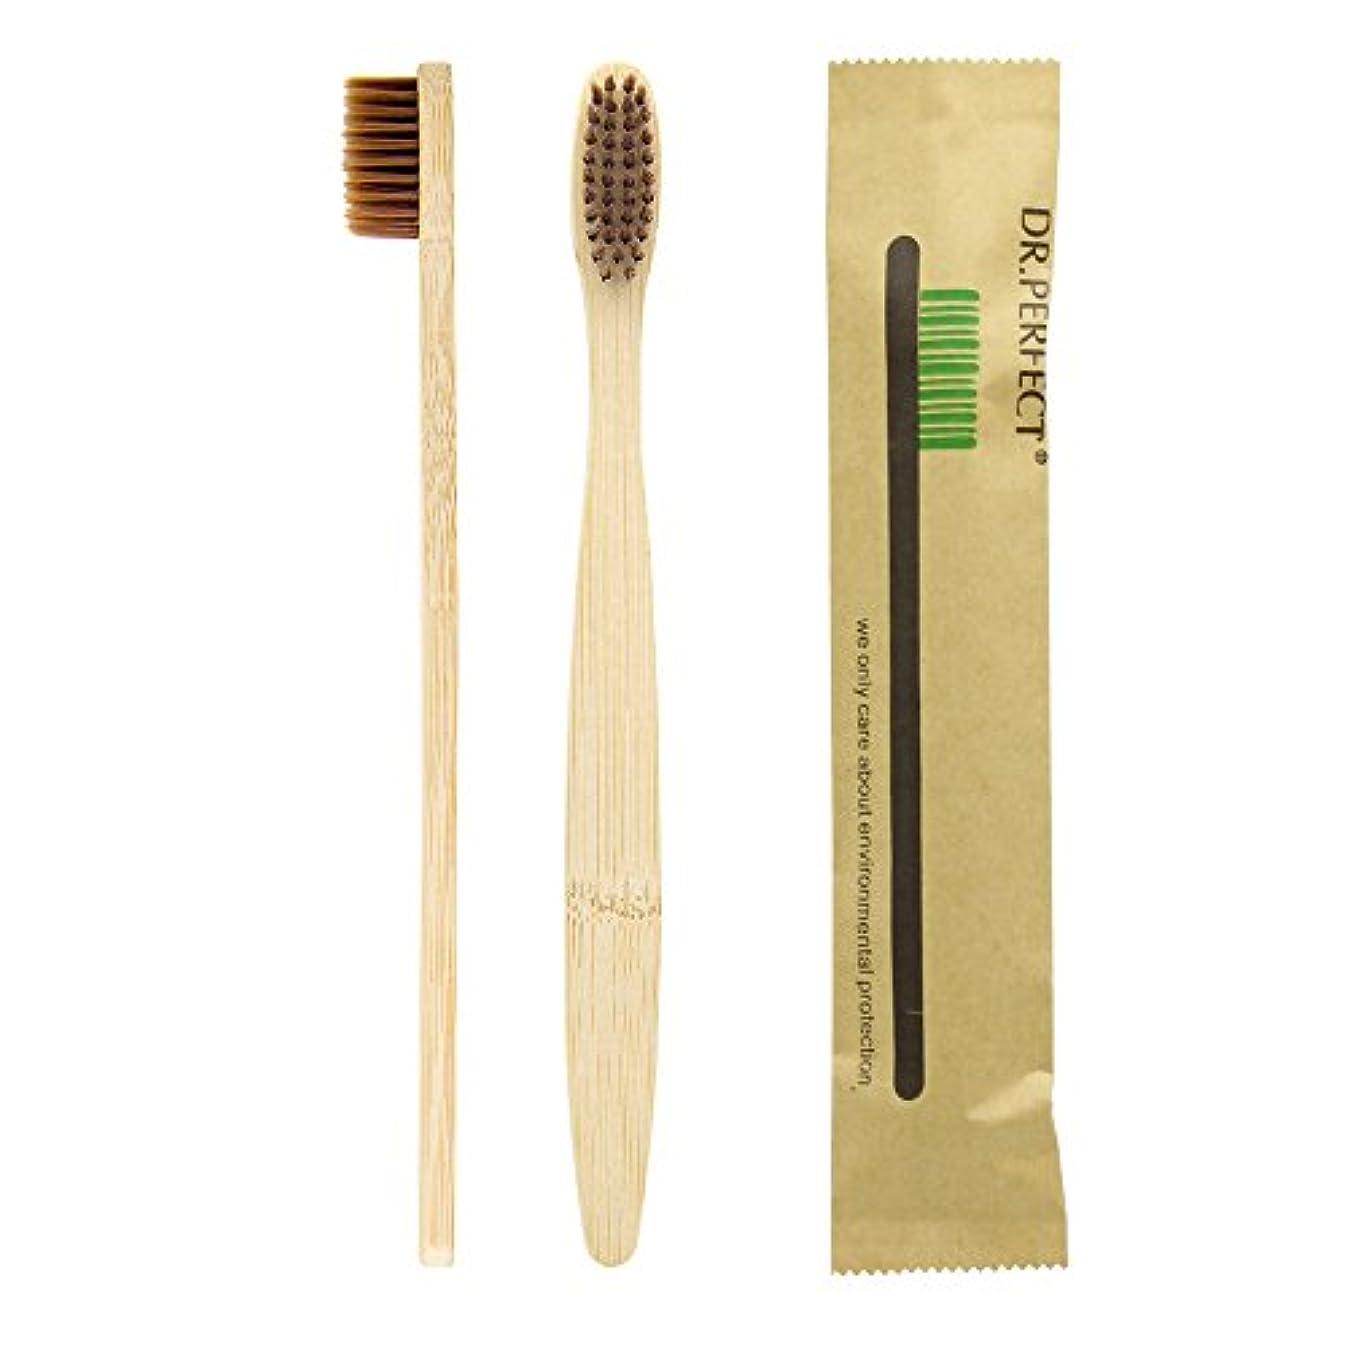 ブーストレンジアフリカ人Dr.Perfect歯ブラシ竹製歯ブラシアダルト竹の歯ブラシ ナイロン毛 環境保護の歯ブラシ (ブラウン)